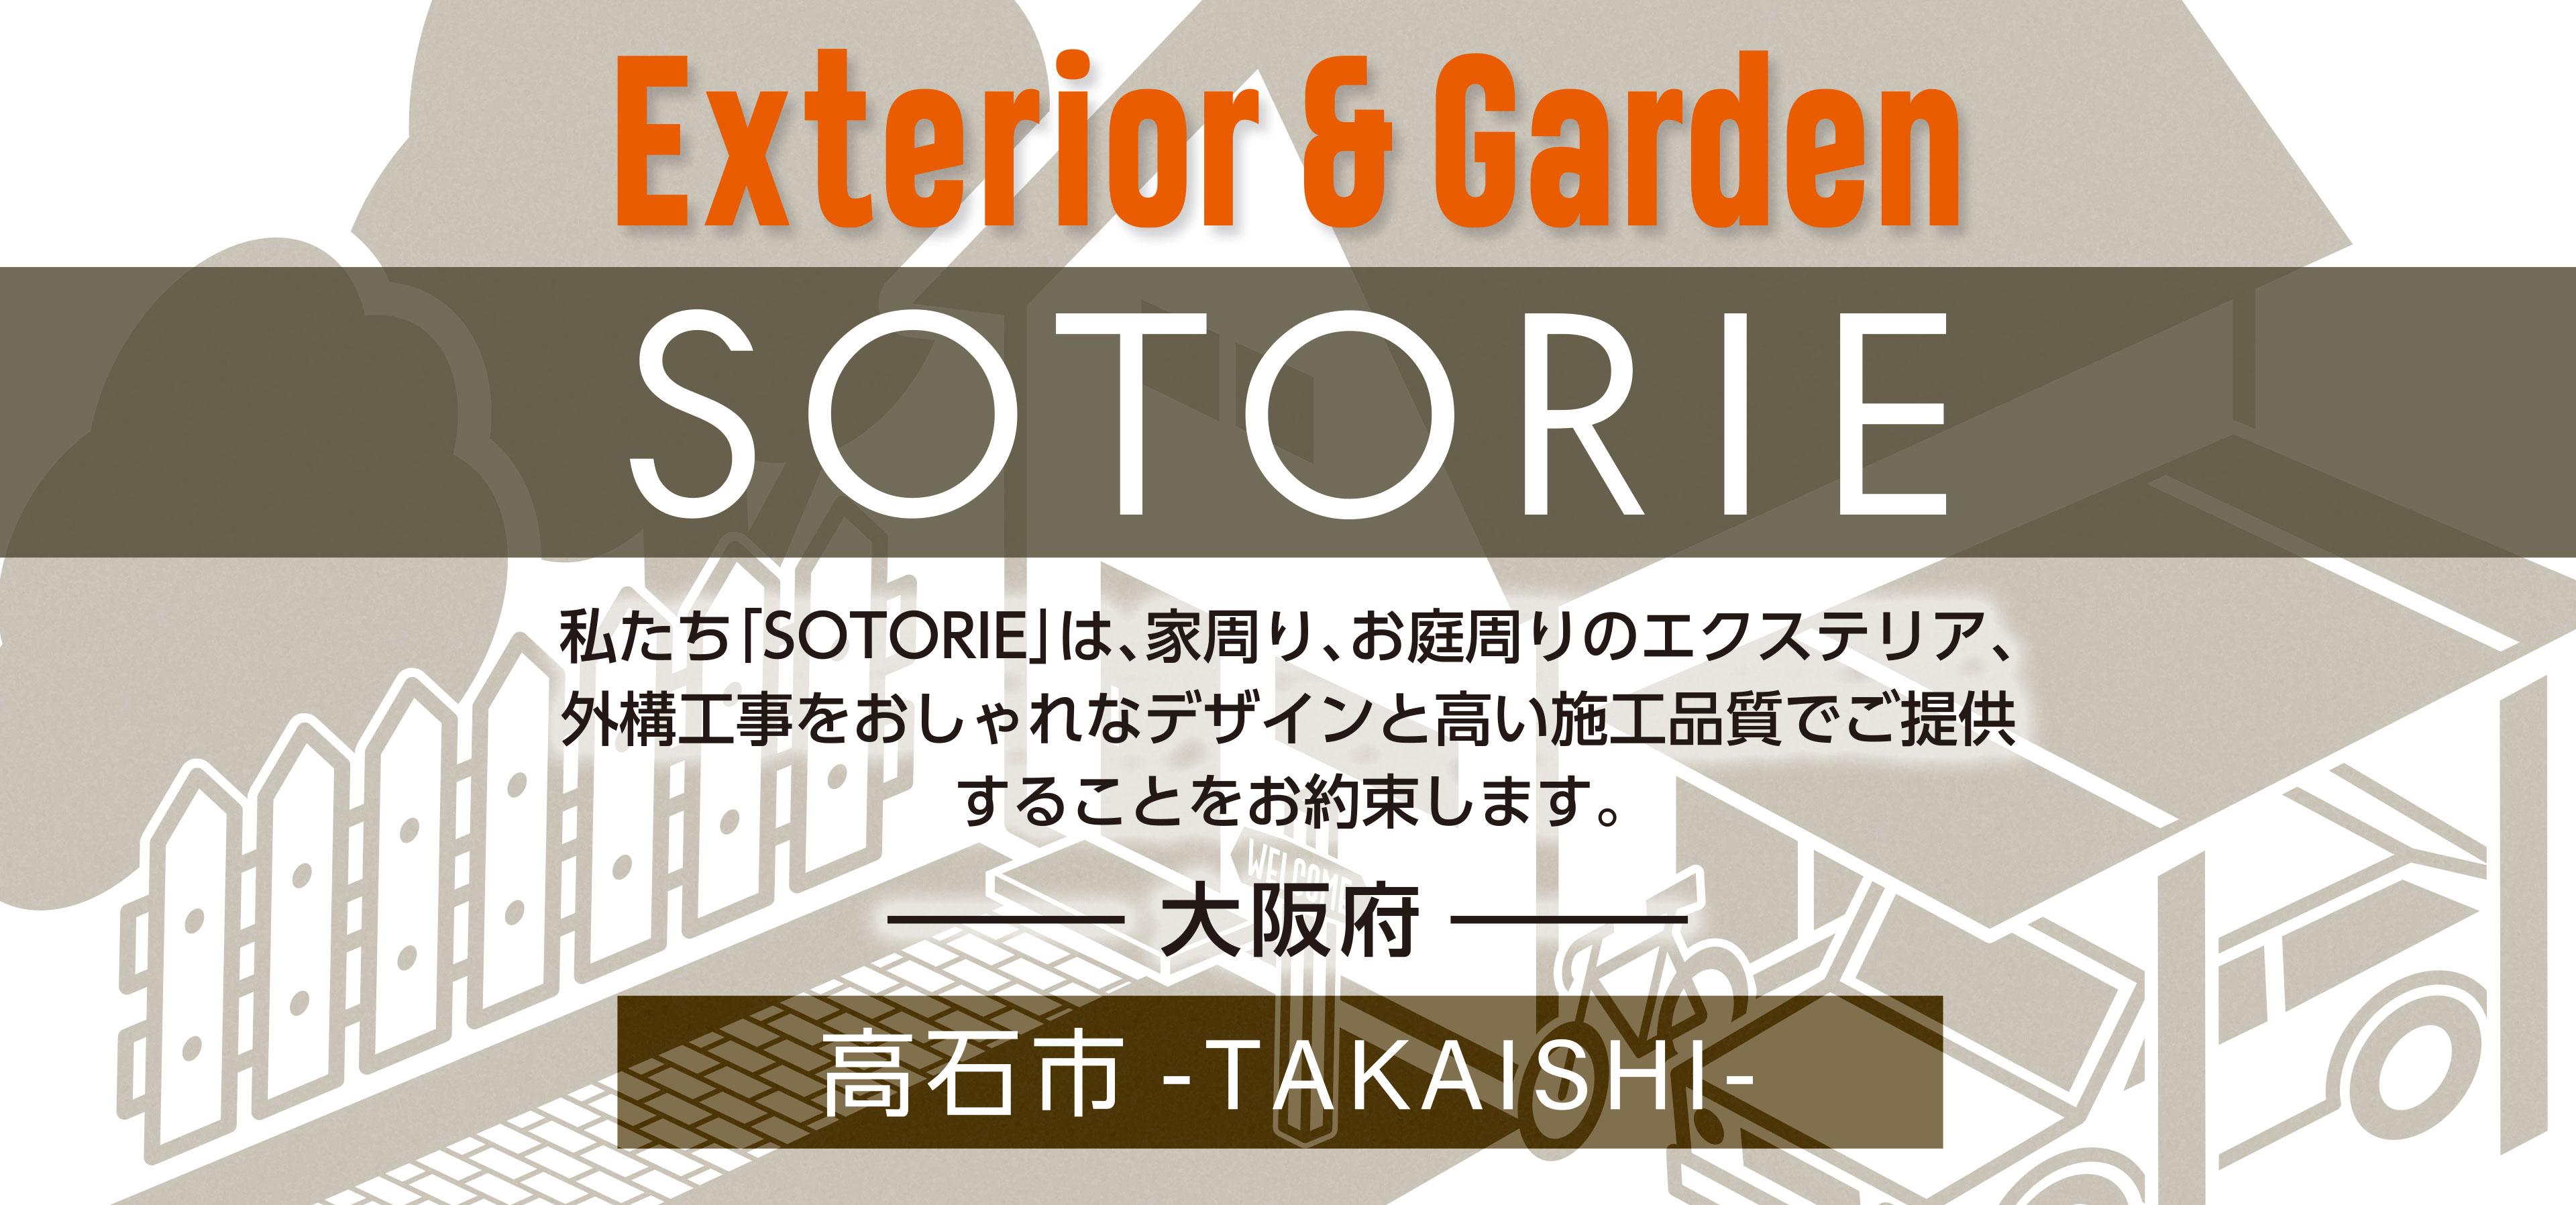 ソトリエ高石市では、家周りと庭周りの外構、エクステリア工事をおしゃれなデザインと高い施工品質でご提供することをお約束します。